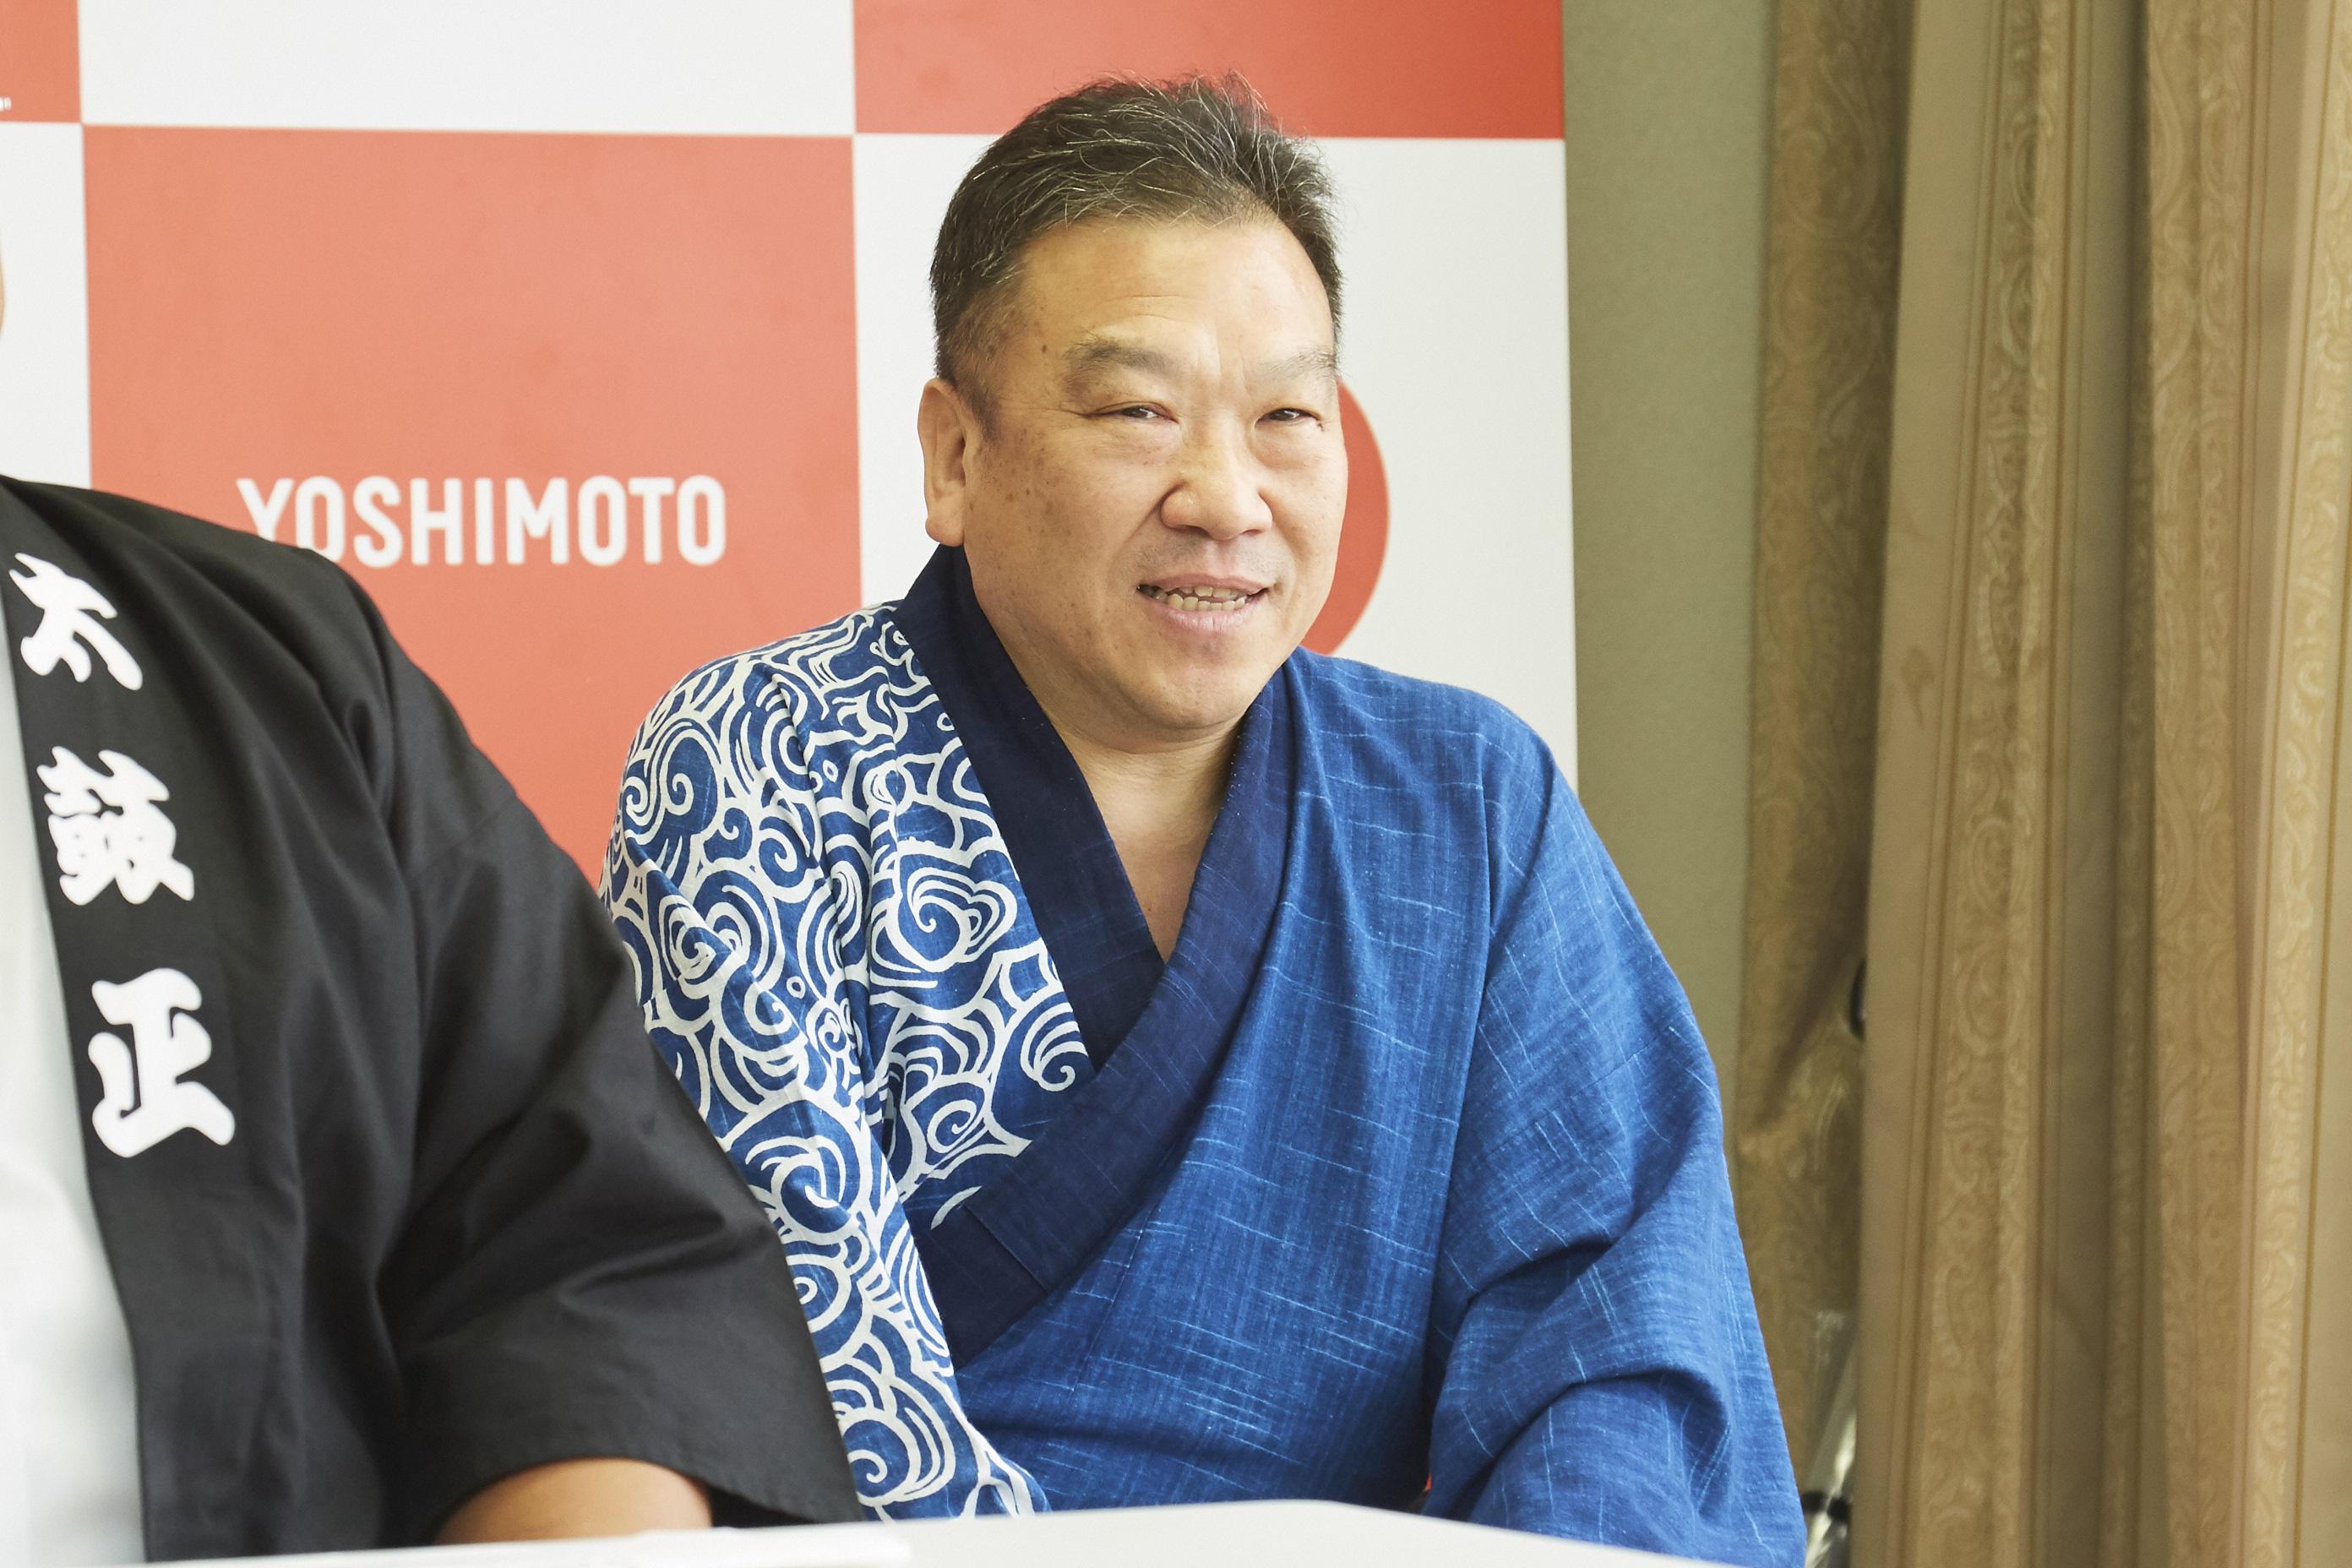 http://news.yoshimoto.co.jp/20180704193526-e5c5958cd034b3ba9fd007fa1c9fbda8d7126a68.jpg